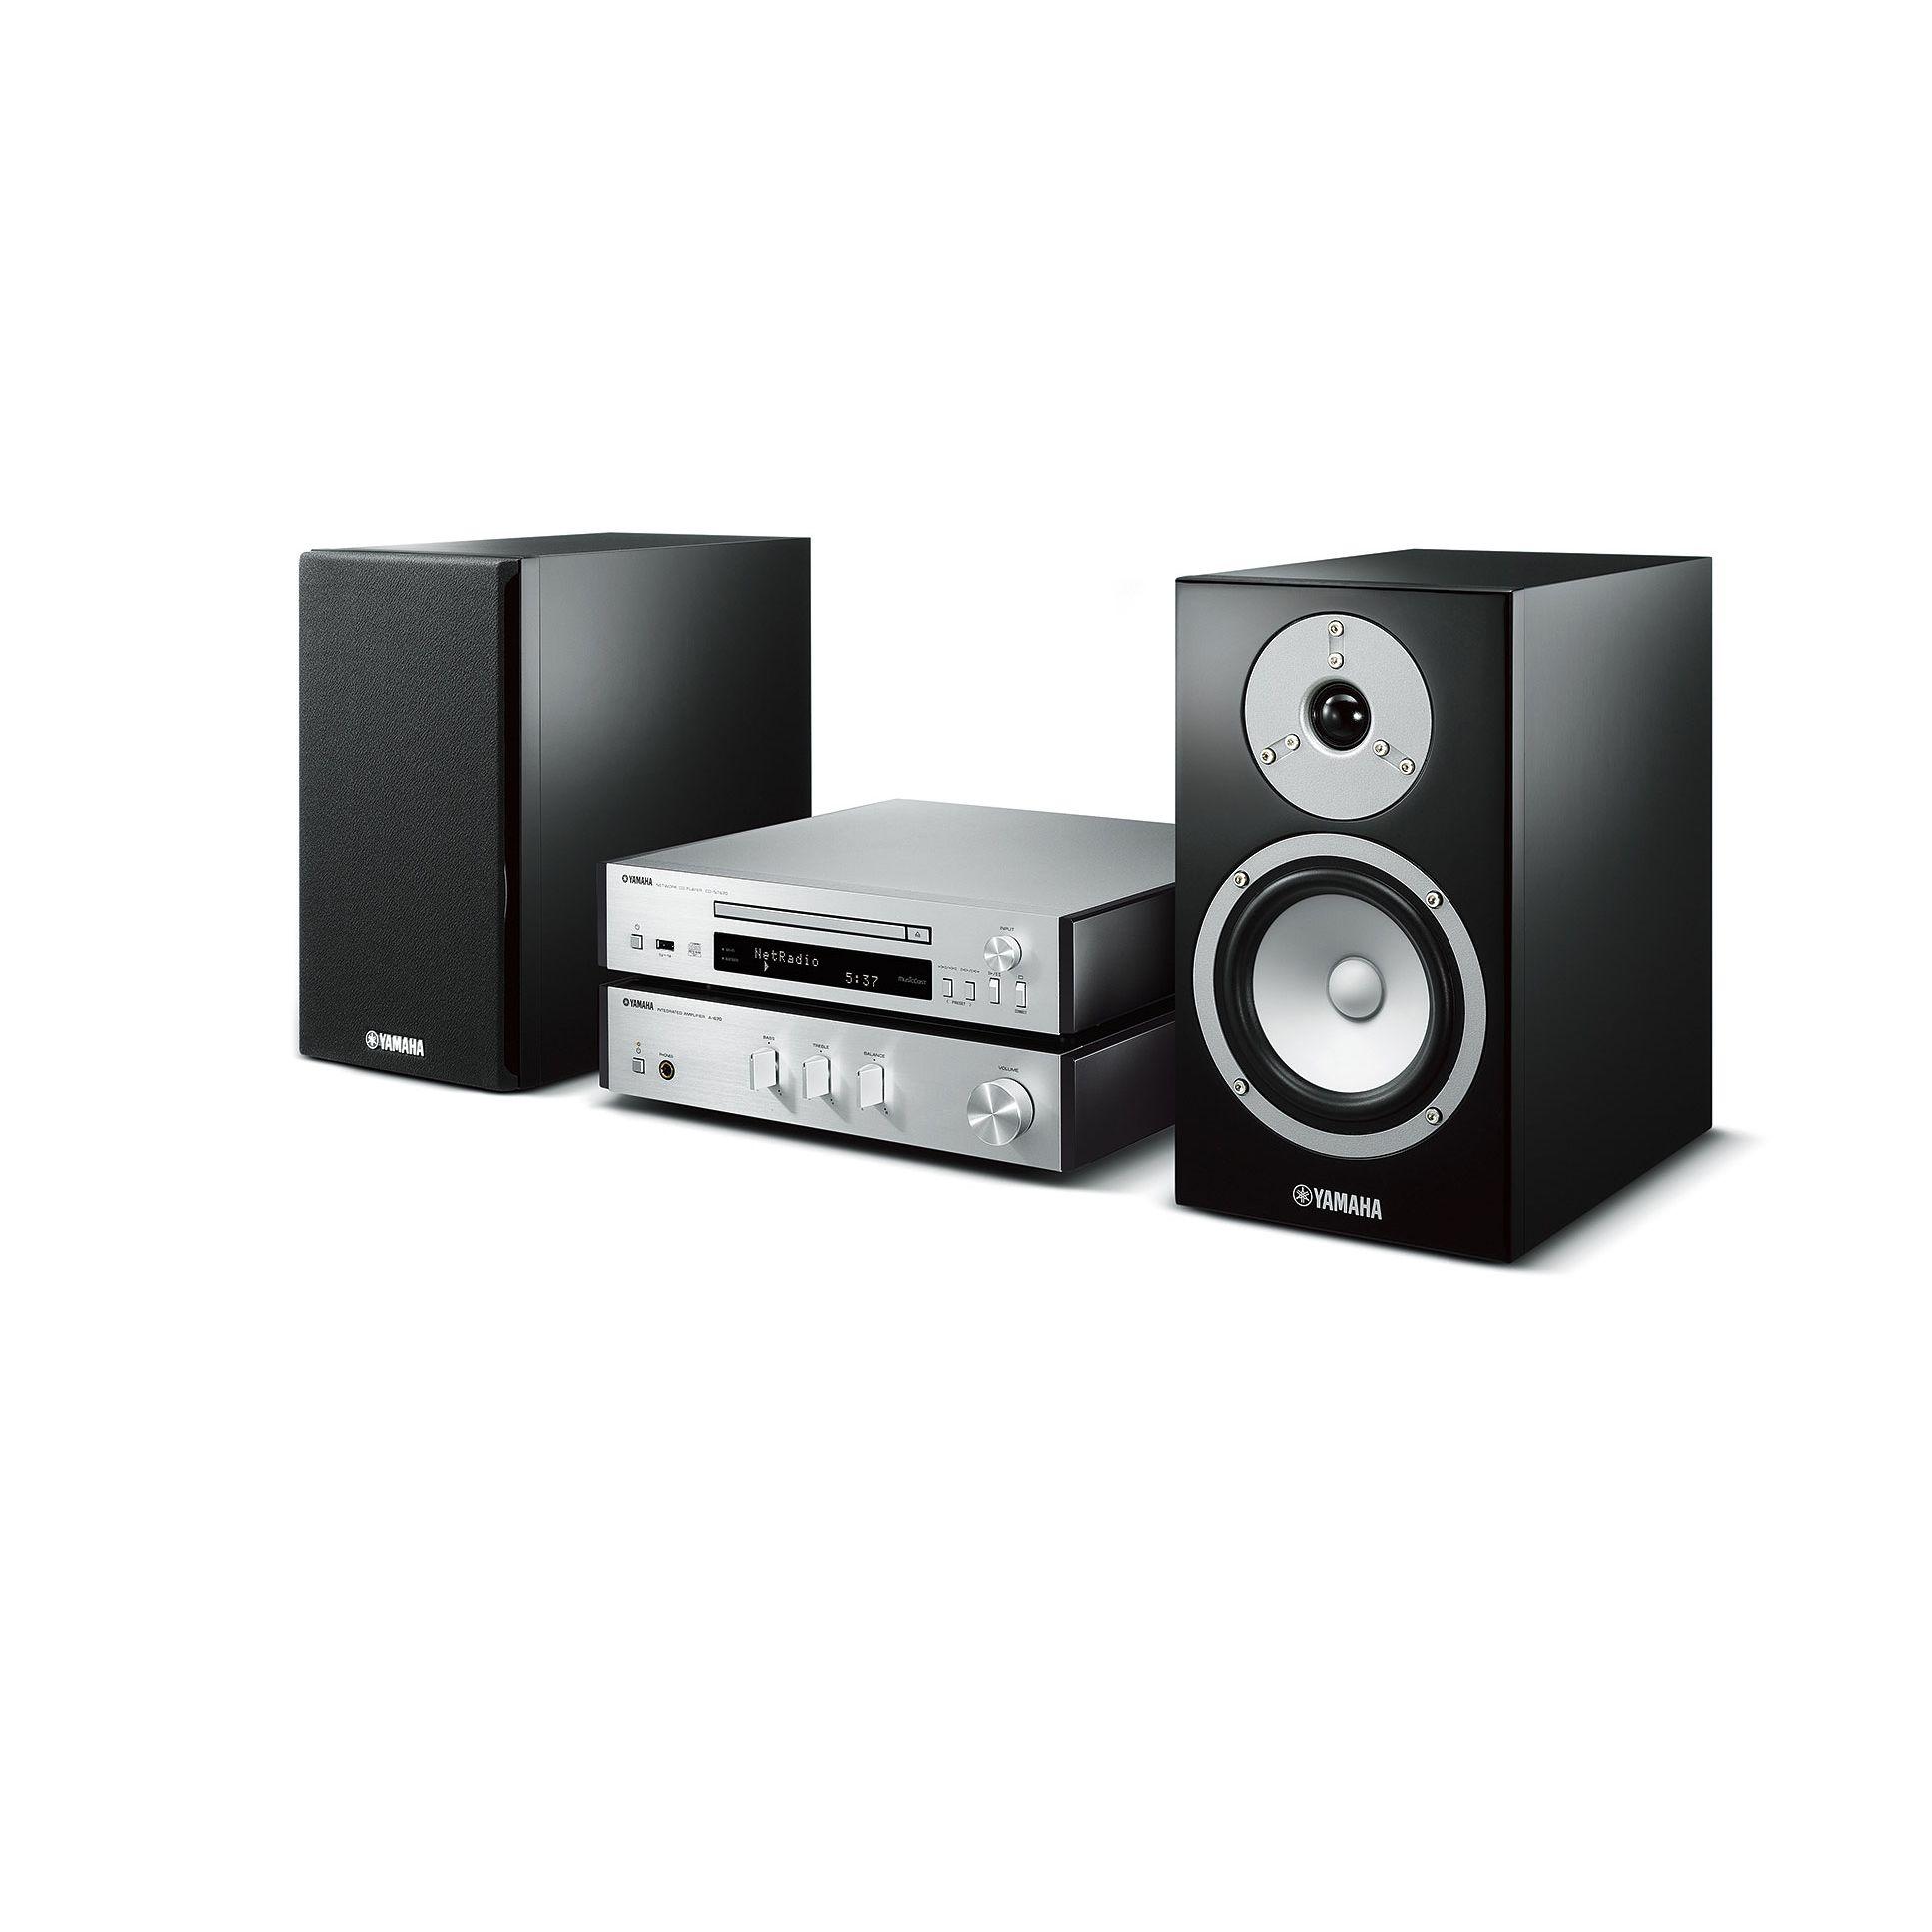 MusicCast MCR N670